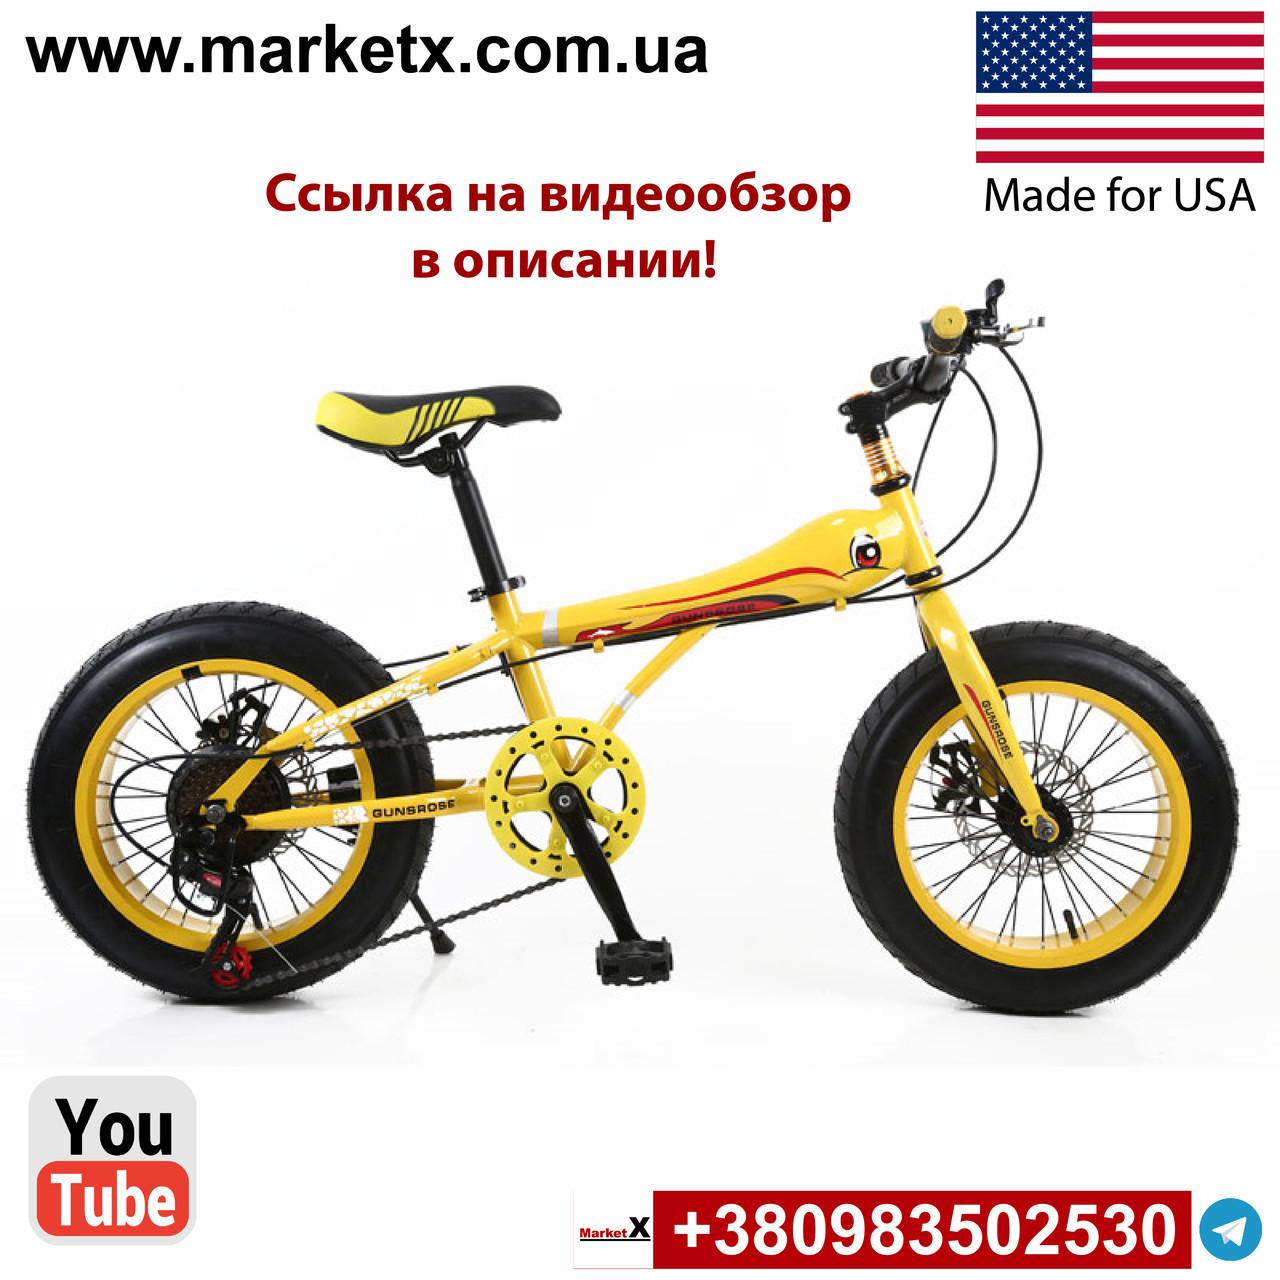 Детский горный велосипед 16 дюймов желтый